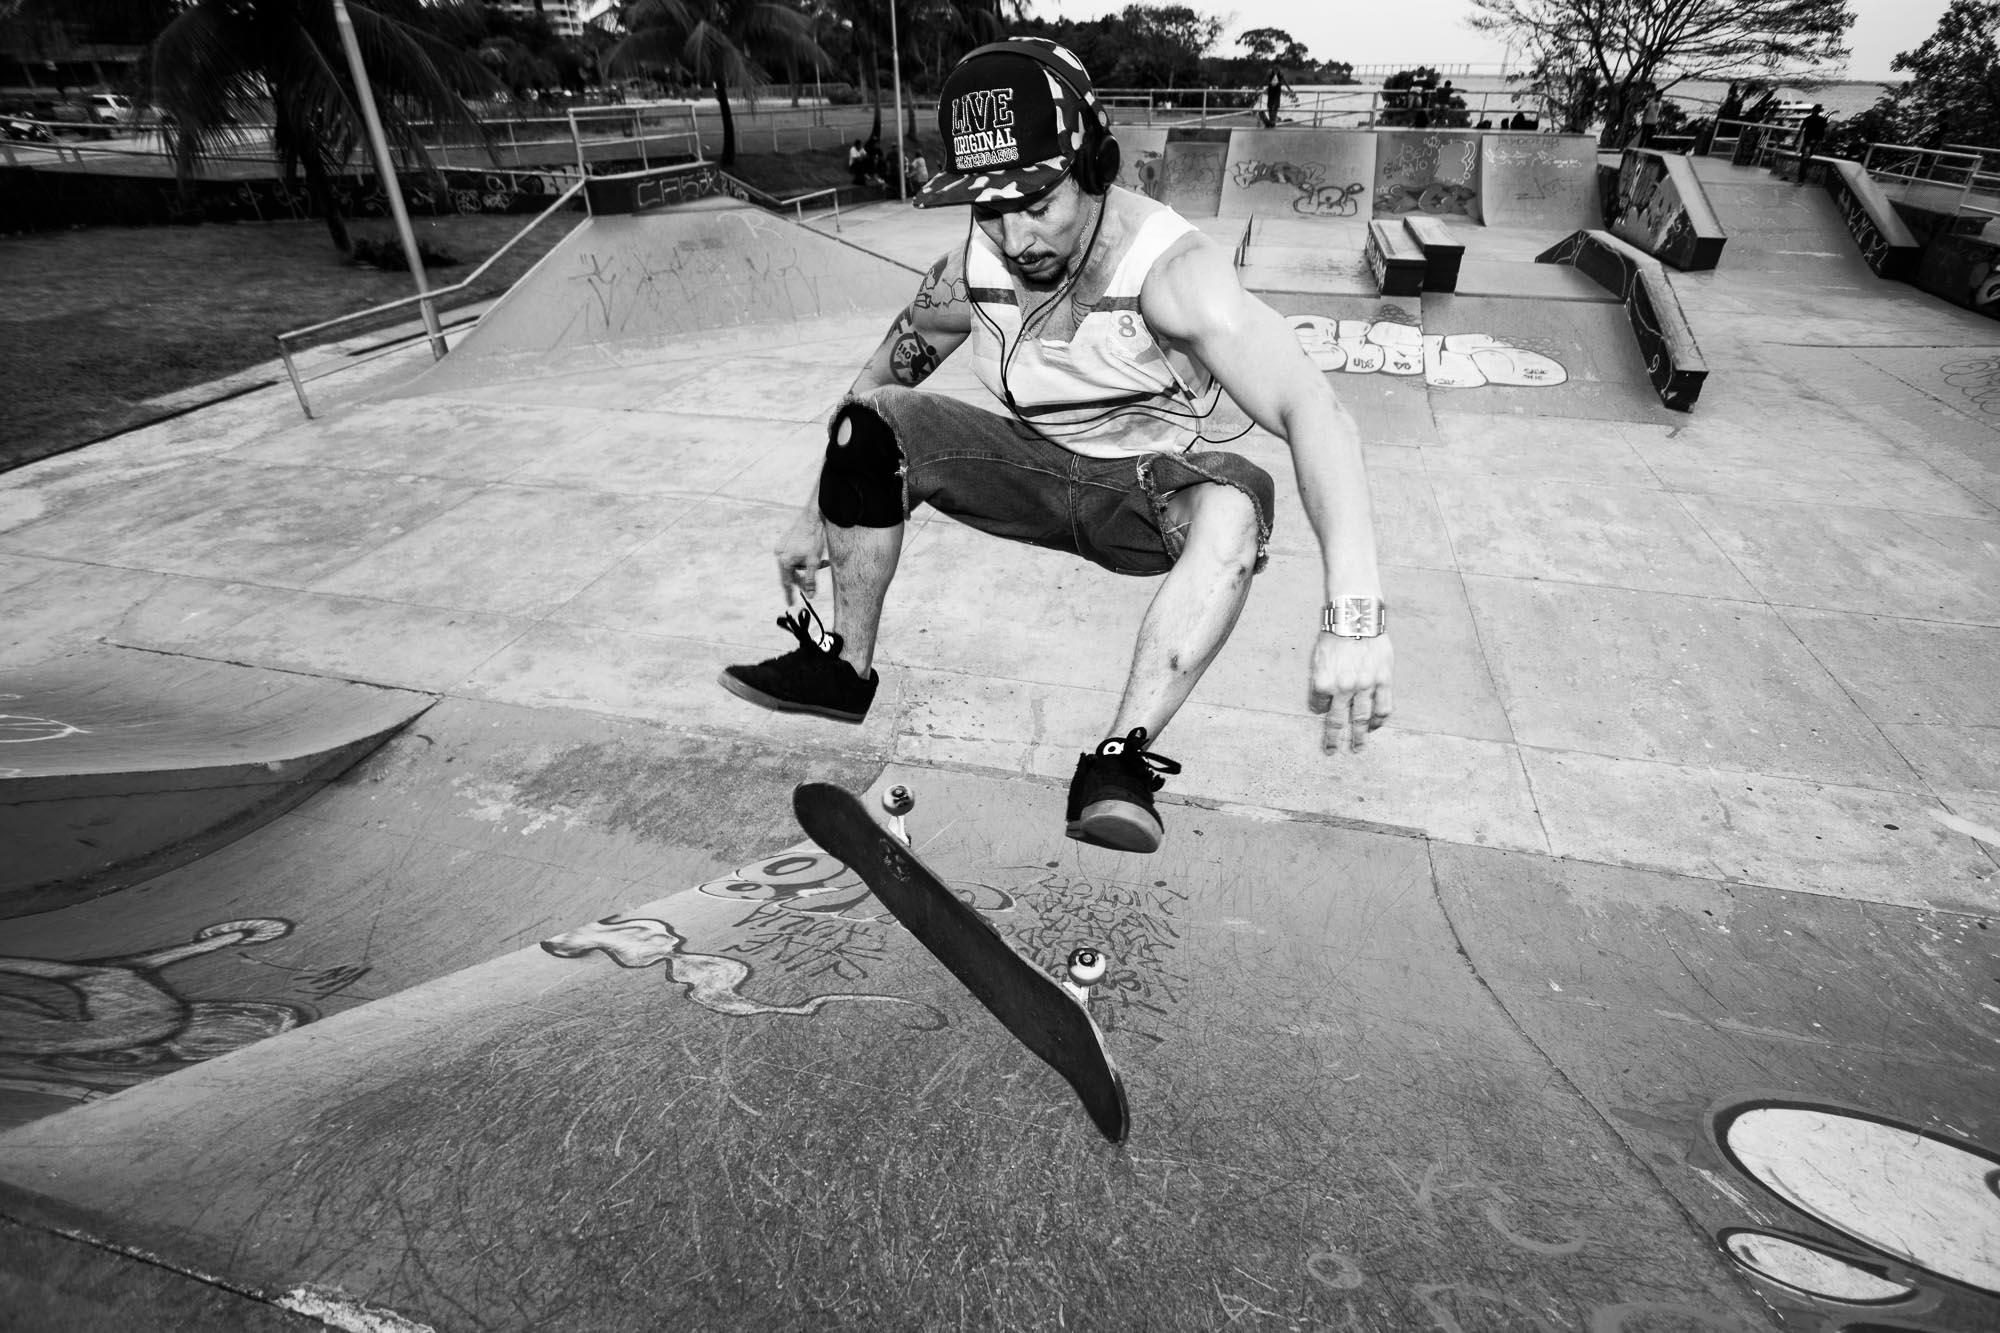 Greg Lee Skateboarder Trick 3